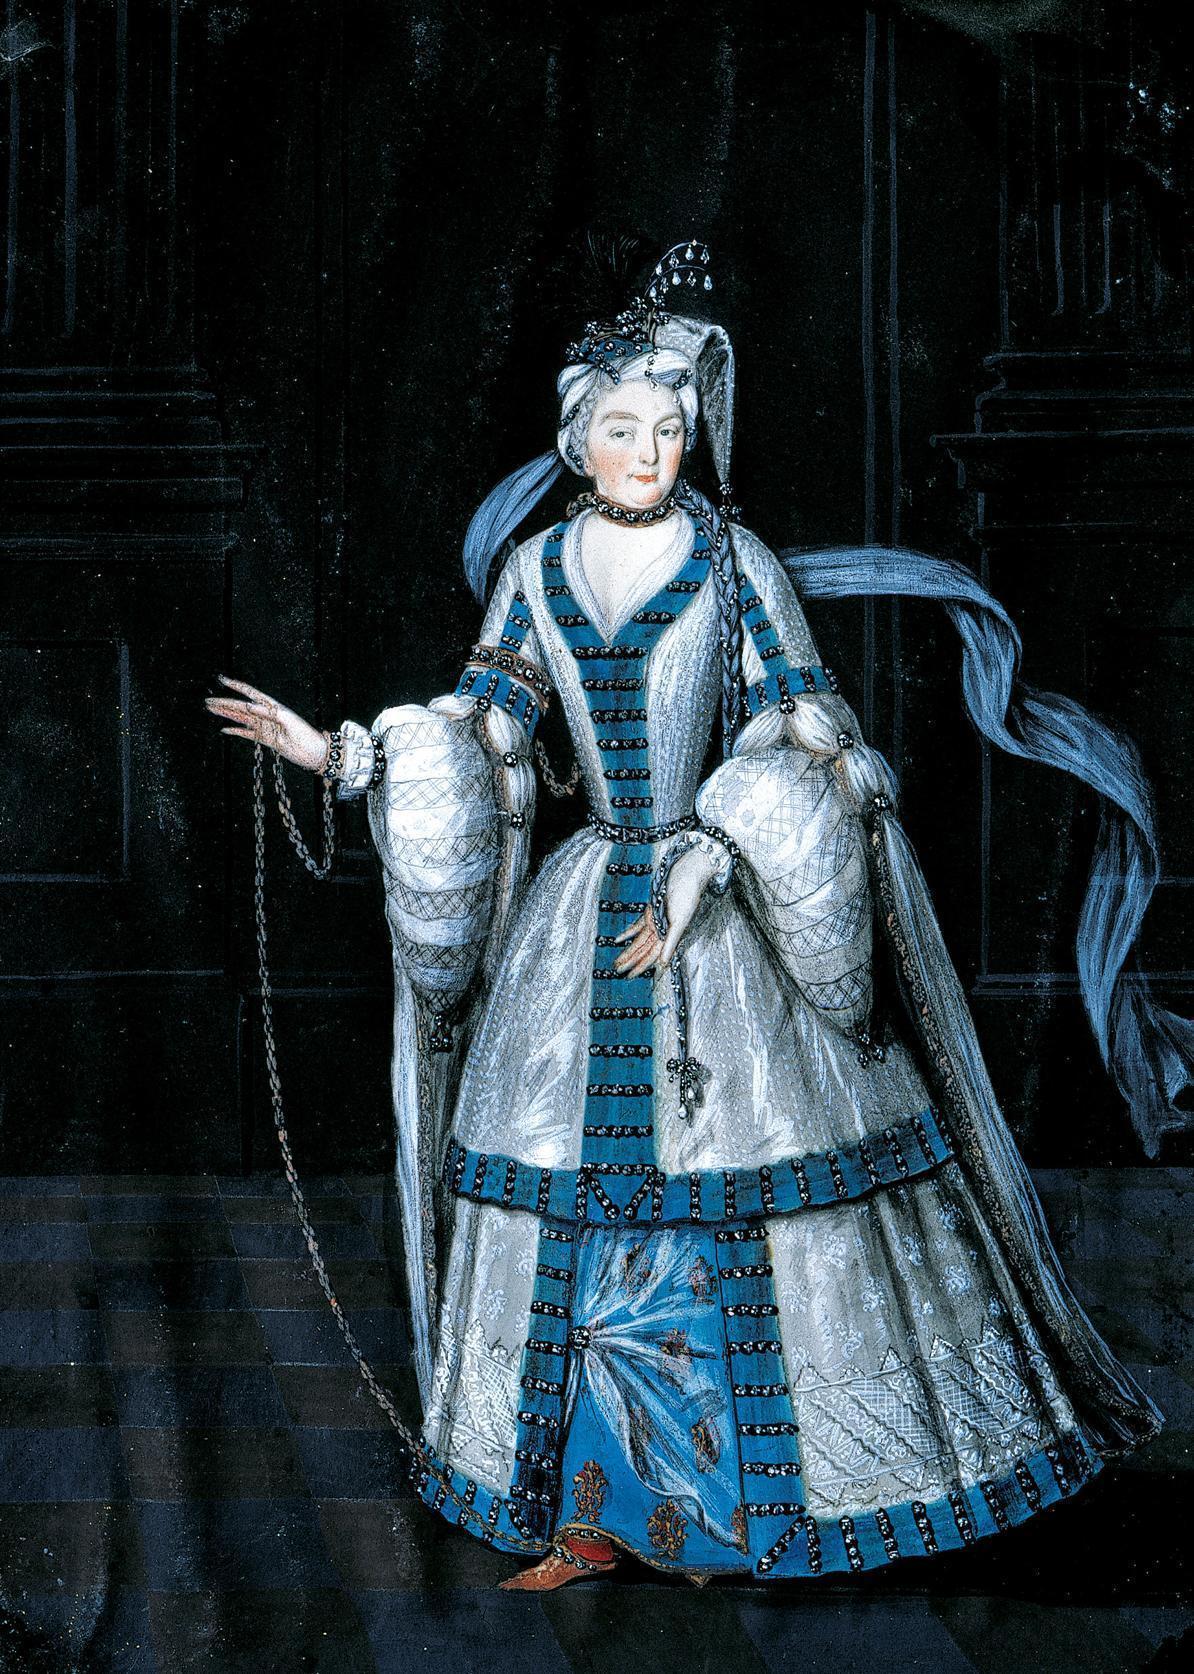 Sibylla Augusta kostümiert als Sklavin, Gemälde in Schloss Favorite; Foto: Staatliche Schlösser und Gärten Baden-Württemberg, Steffen Hauswirth